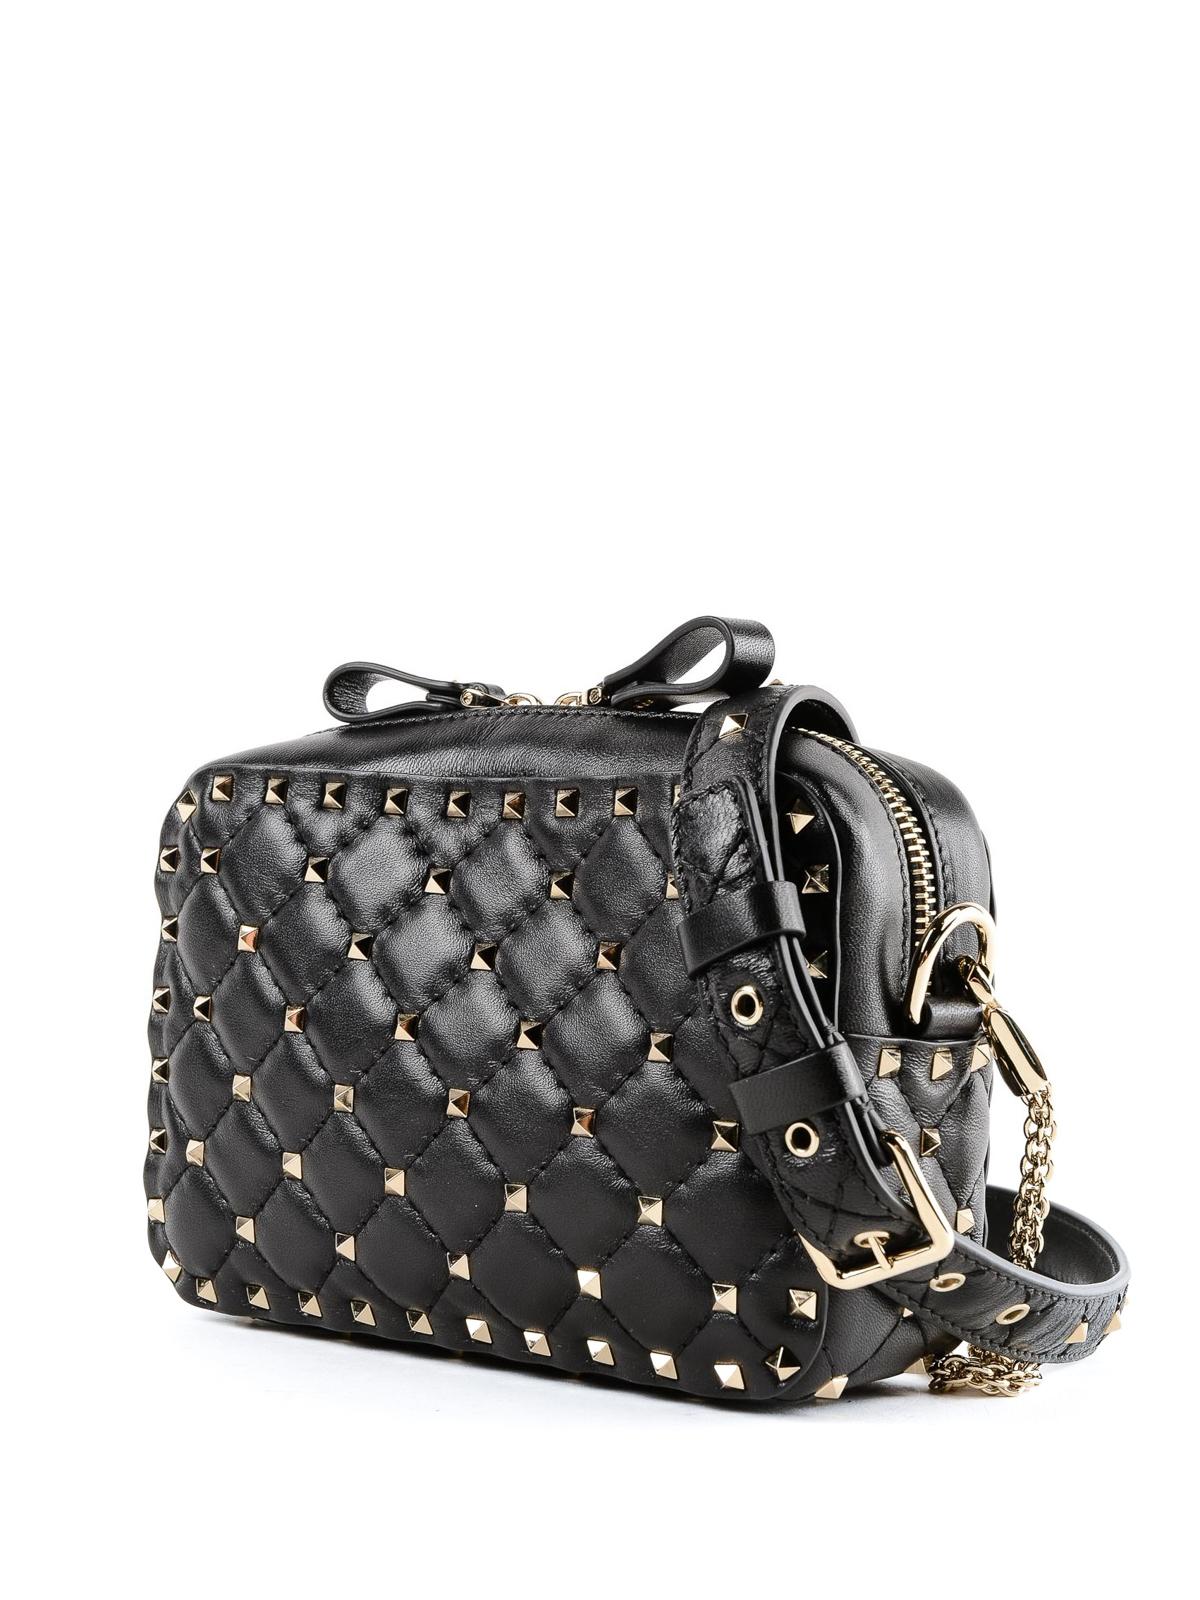 VALENTINO GARAVANI  borse a tracolla online - Tracollina Rockstud Spike  matelassé nera d3ea6c7b859